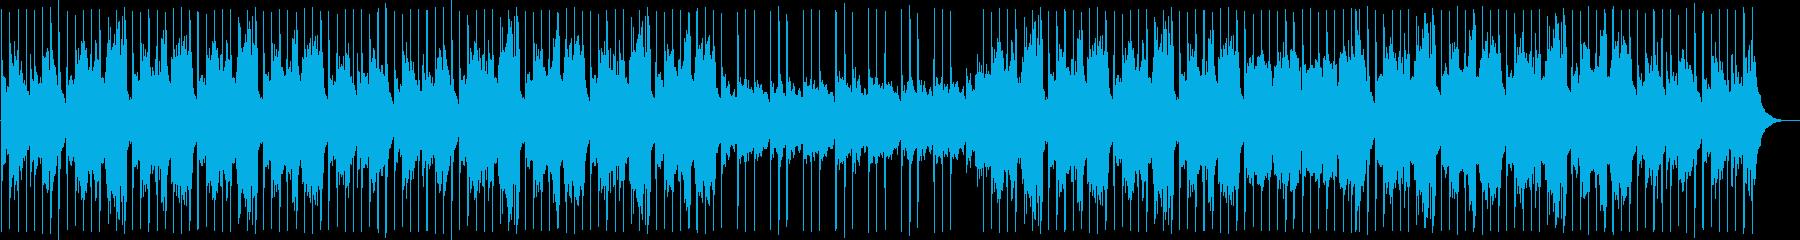 暗めでかっこいい和風ミュージックの再生済みの波形